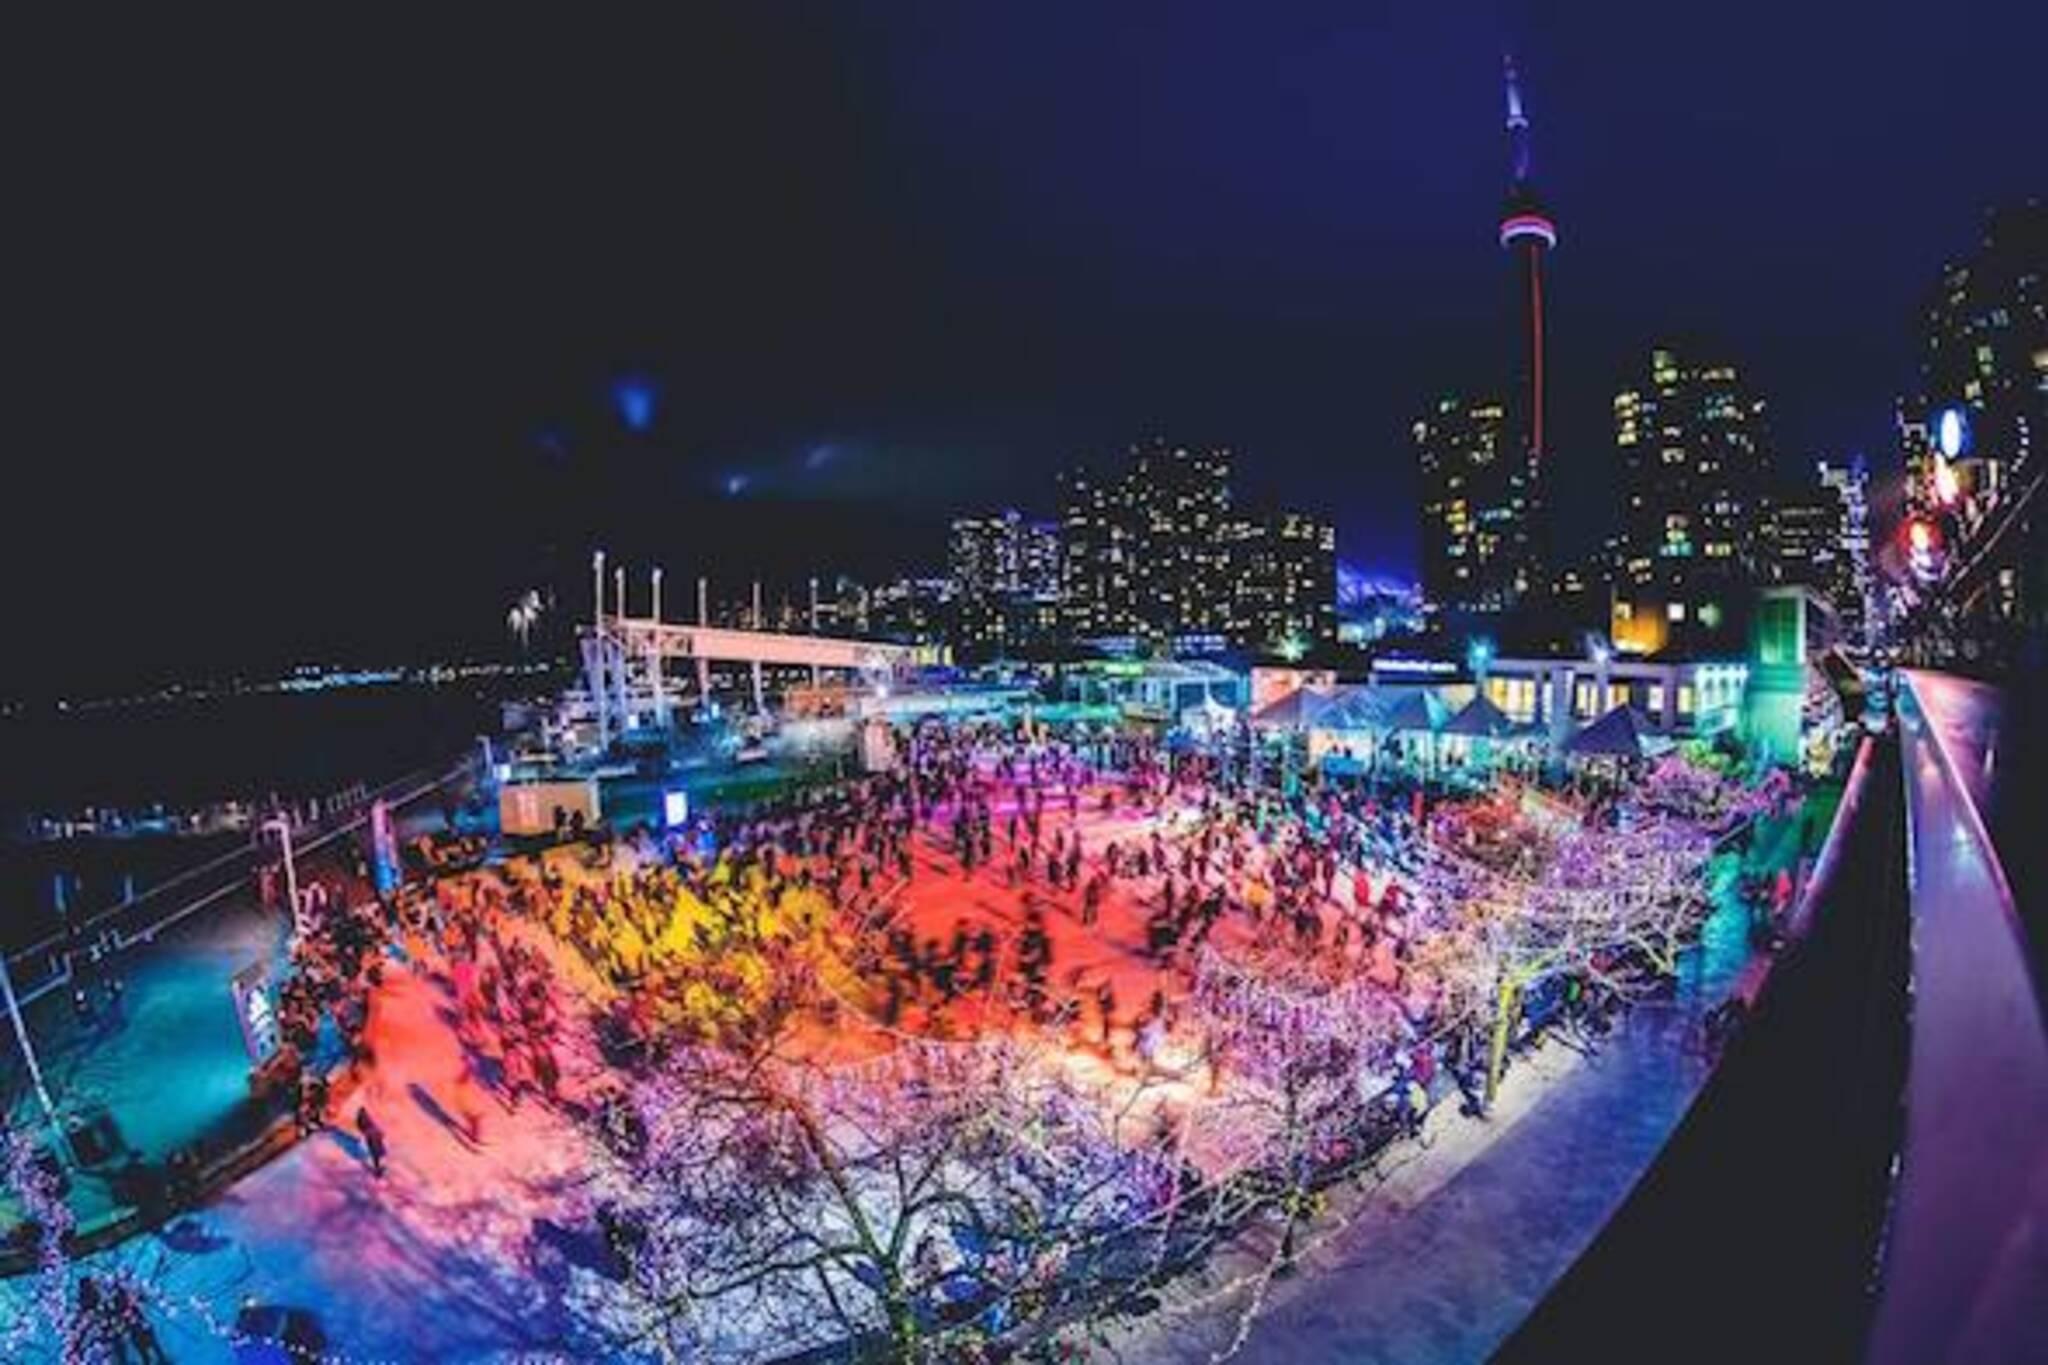 Best Restaurants In Toronto With Dj